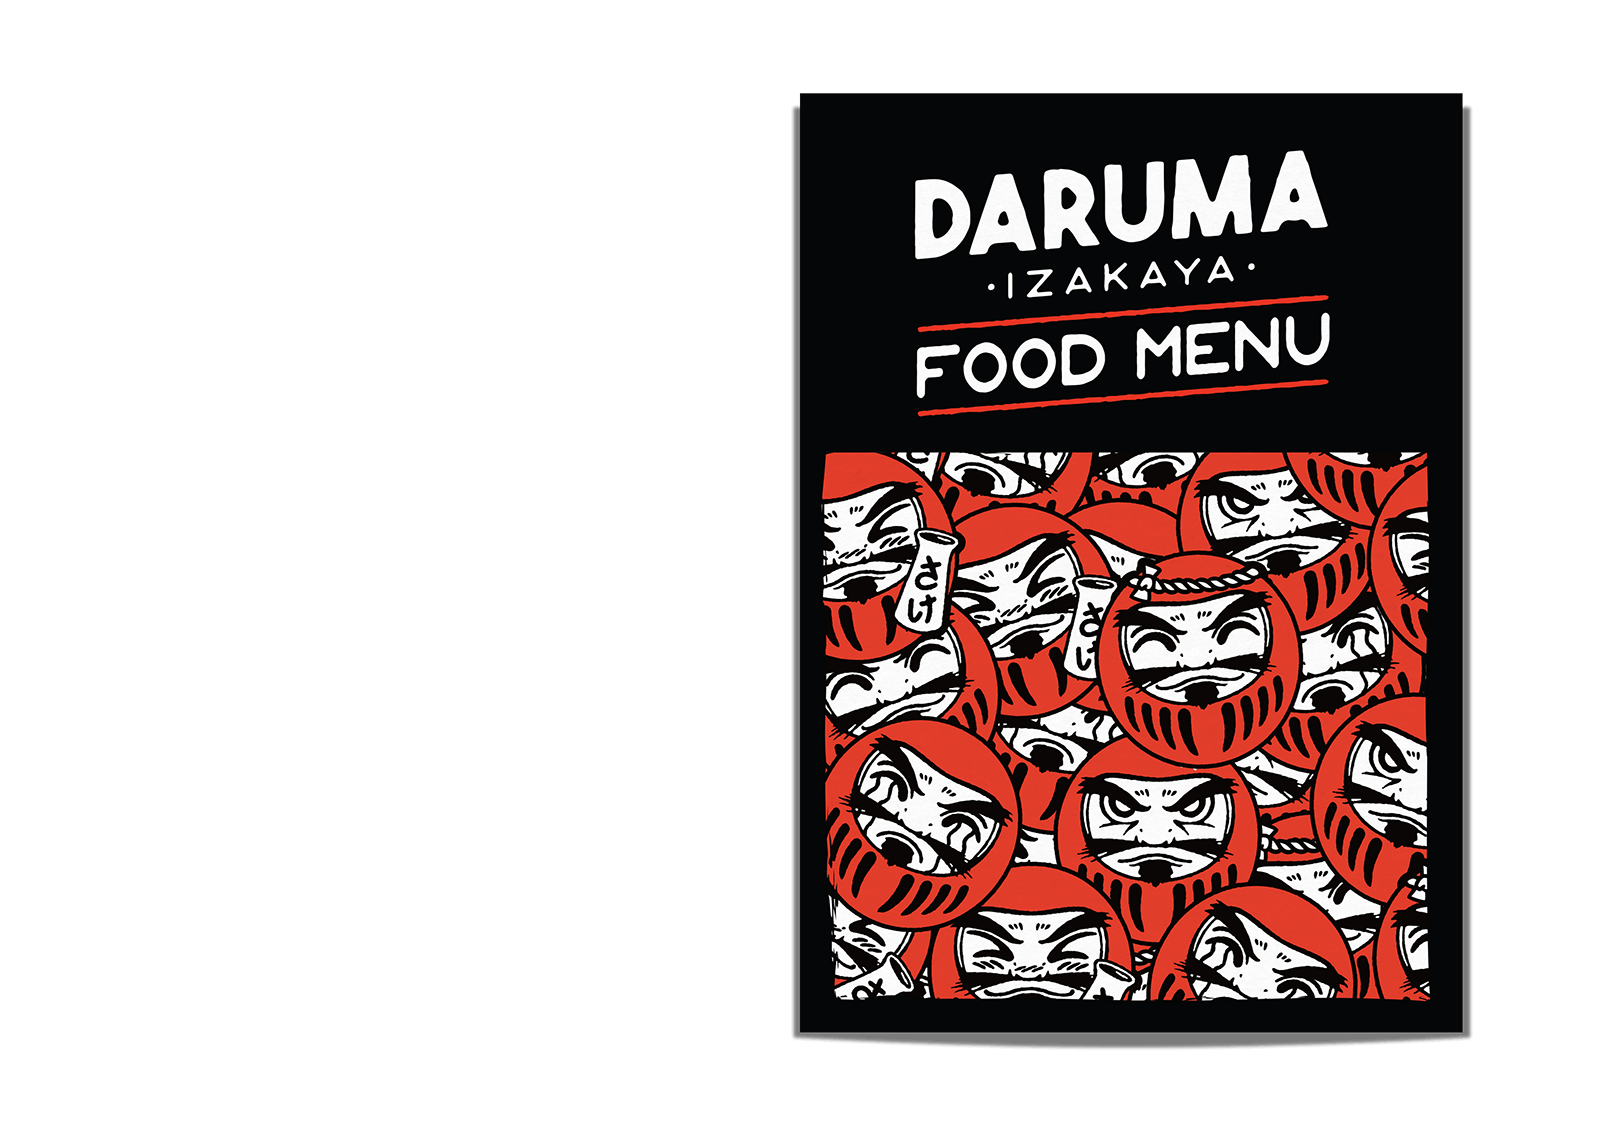 daruma-foodmenu-01